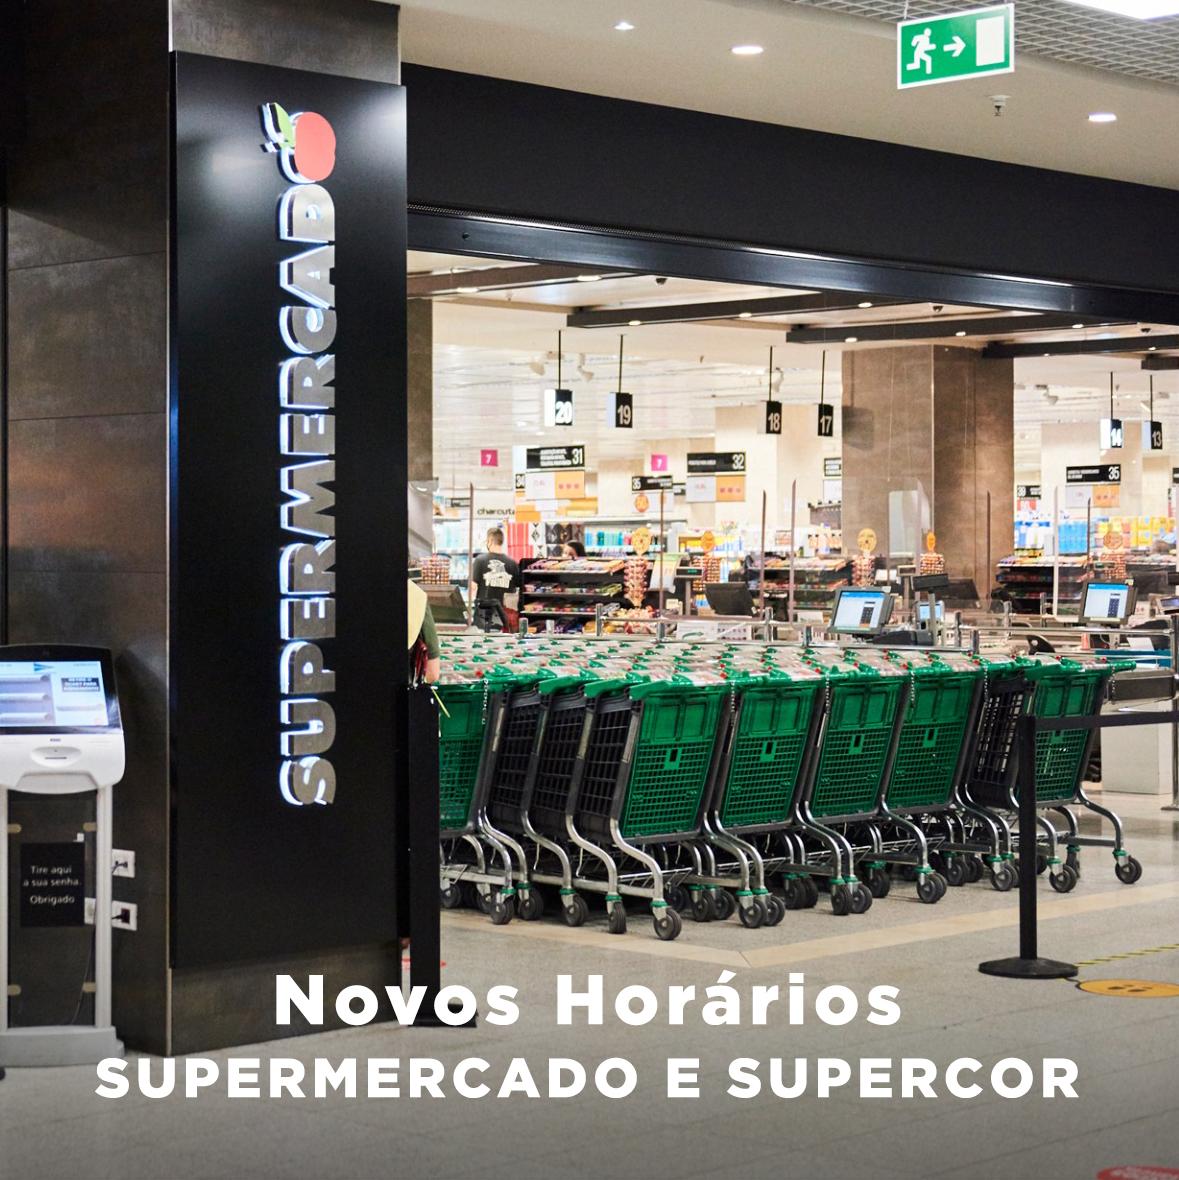 Estão em vigor novos ⏰ horários de funcionamento para o Supermercado El Corte Inglés Lisboa e os Supercor do Restelo, Expo e Beloura. Clique em https://t.co/kYEemWWPpb  e disponha de toda a informação que precisa. #elcorteinglespt https://t.co/2F8KkIg0Hn